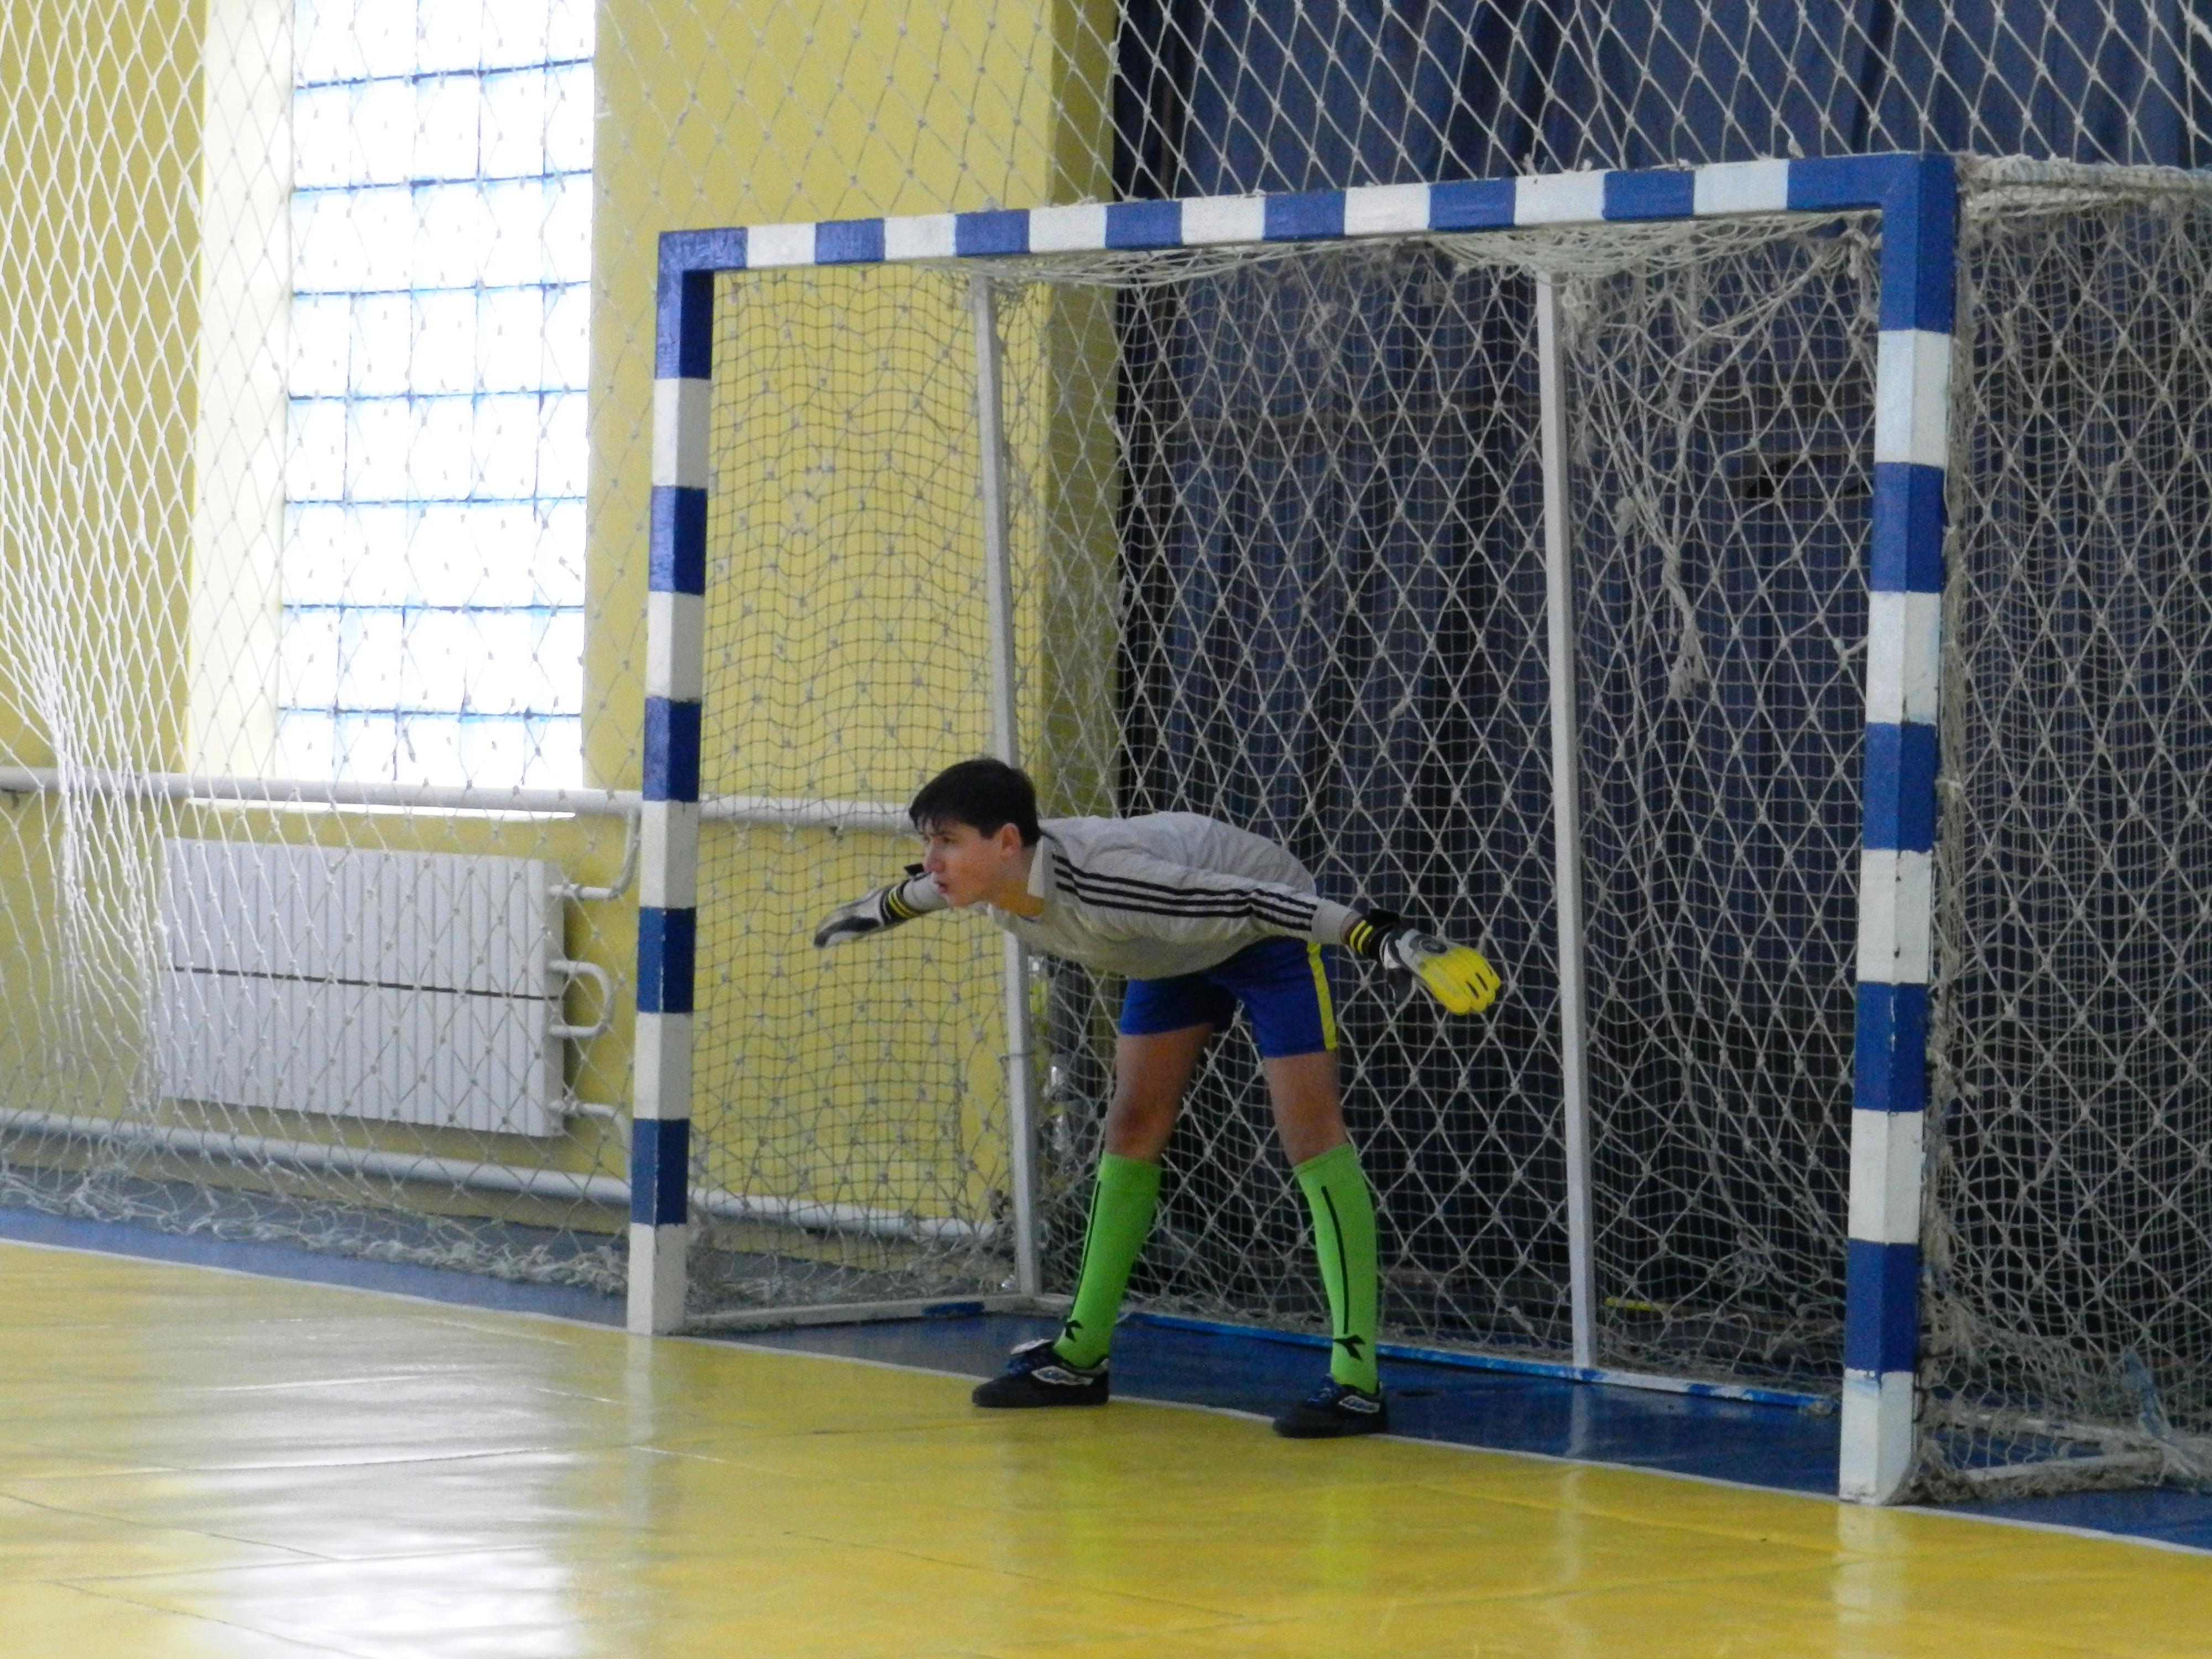 Визначено учасників фінальних змагань ІІІ етапу чемпіонату області з футзалу серед команд юнаків